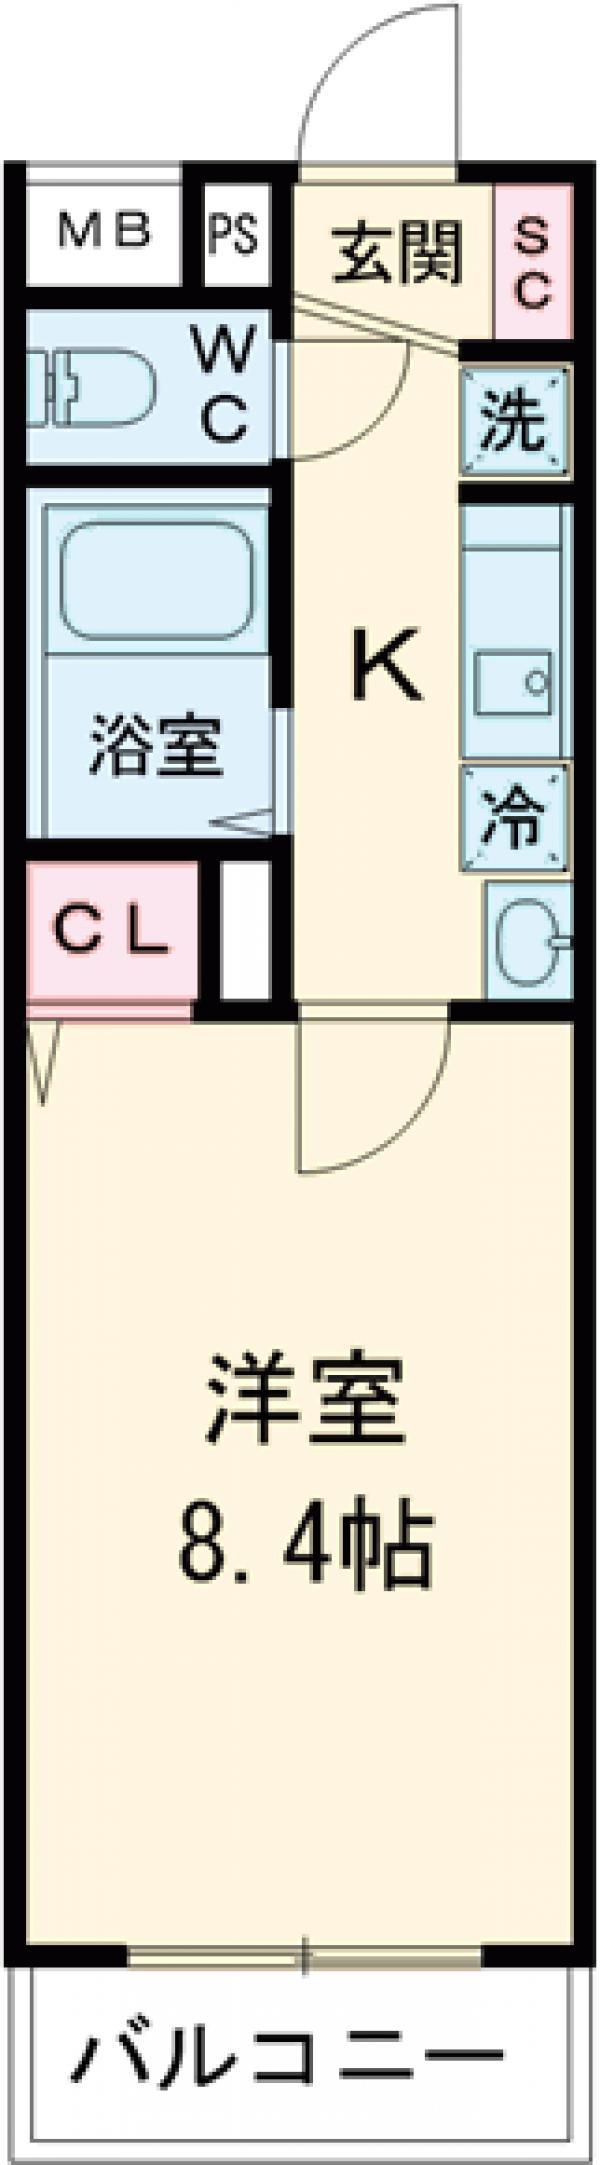 グローリオシェルト仙川Ⅱ・102号室の間取り